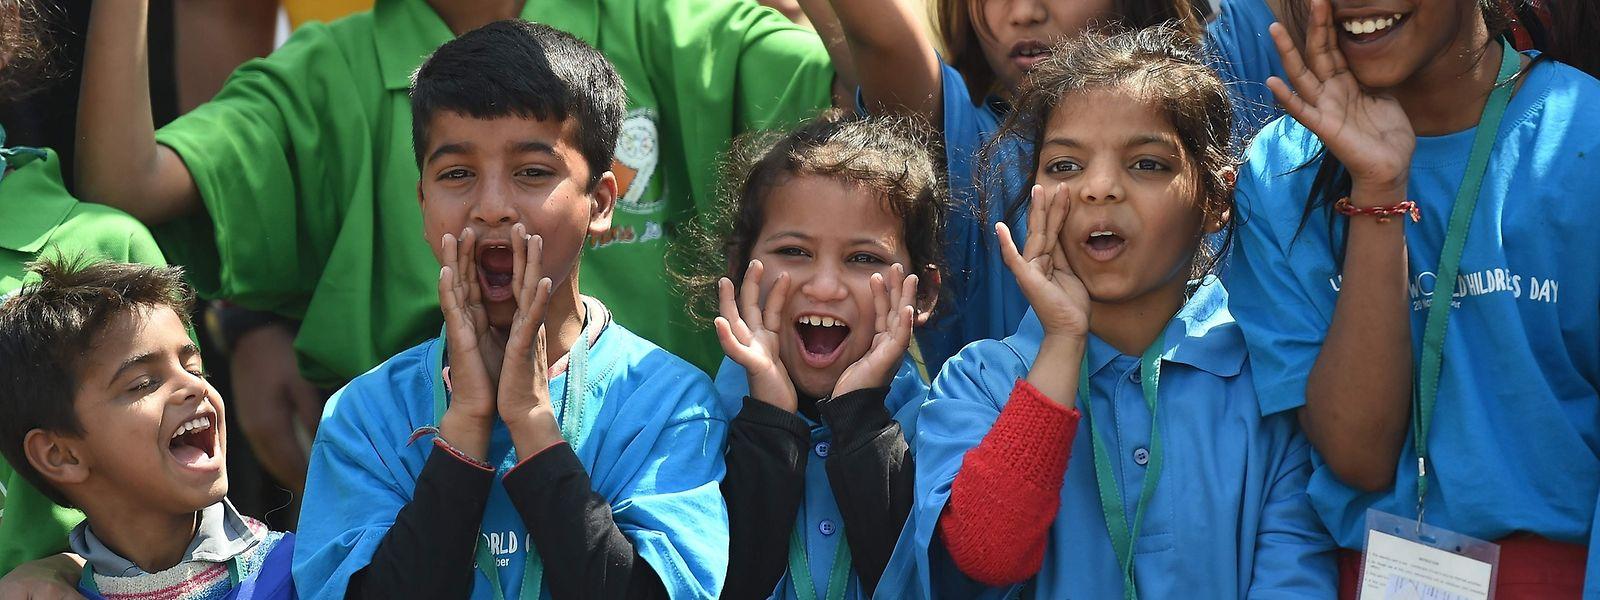 Partout dans le monde, comme à New Delhi, les enfants et les adolescents ont crié leur colère aux gouvernants